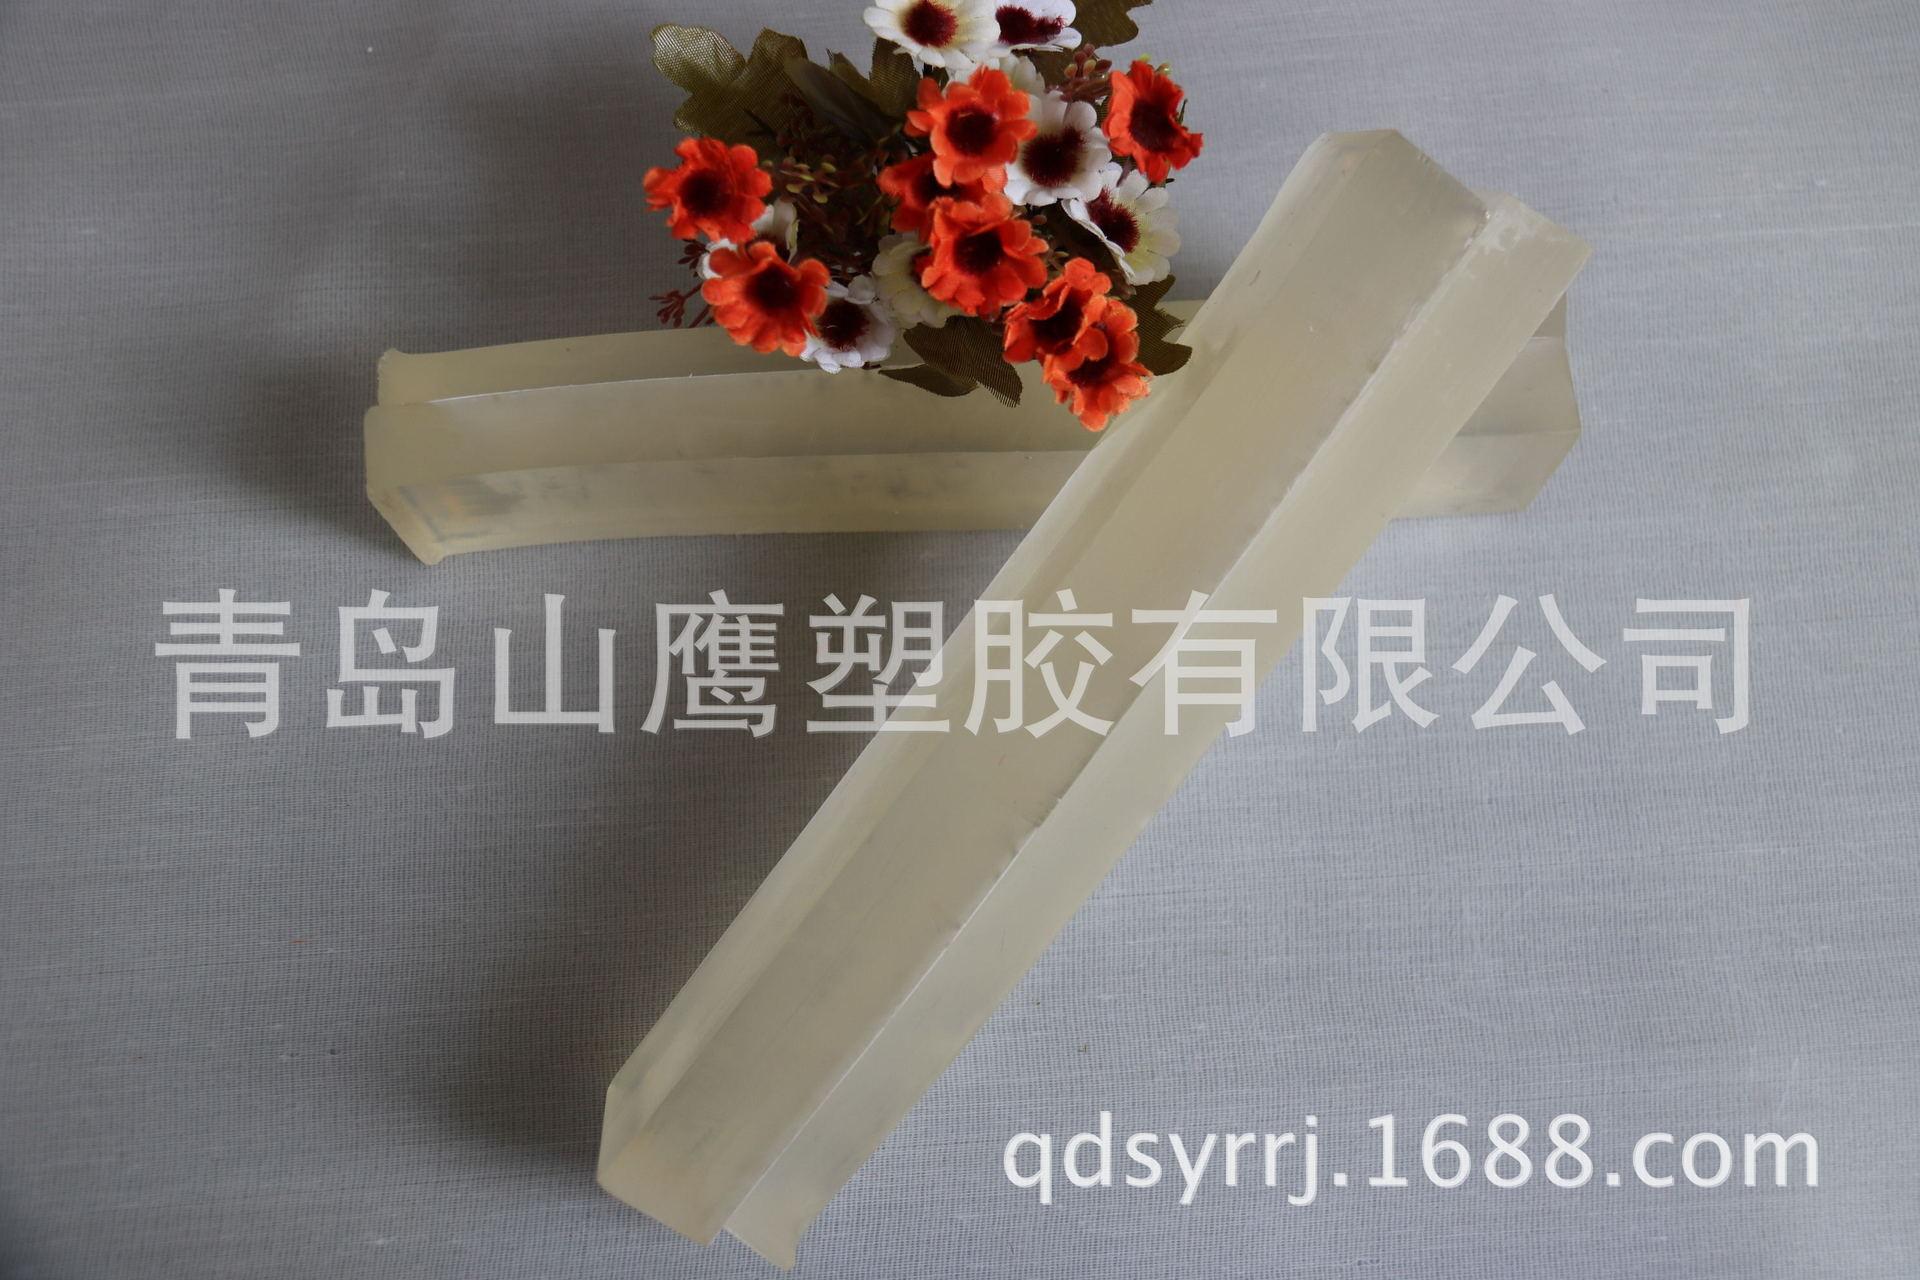 厂家直销无色透明保护胶 剥离保护蜡 热熔保护胶